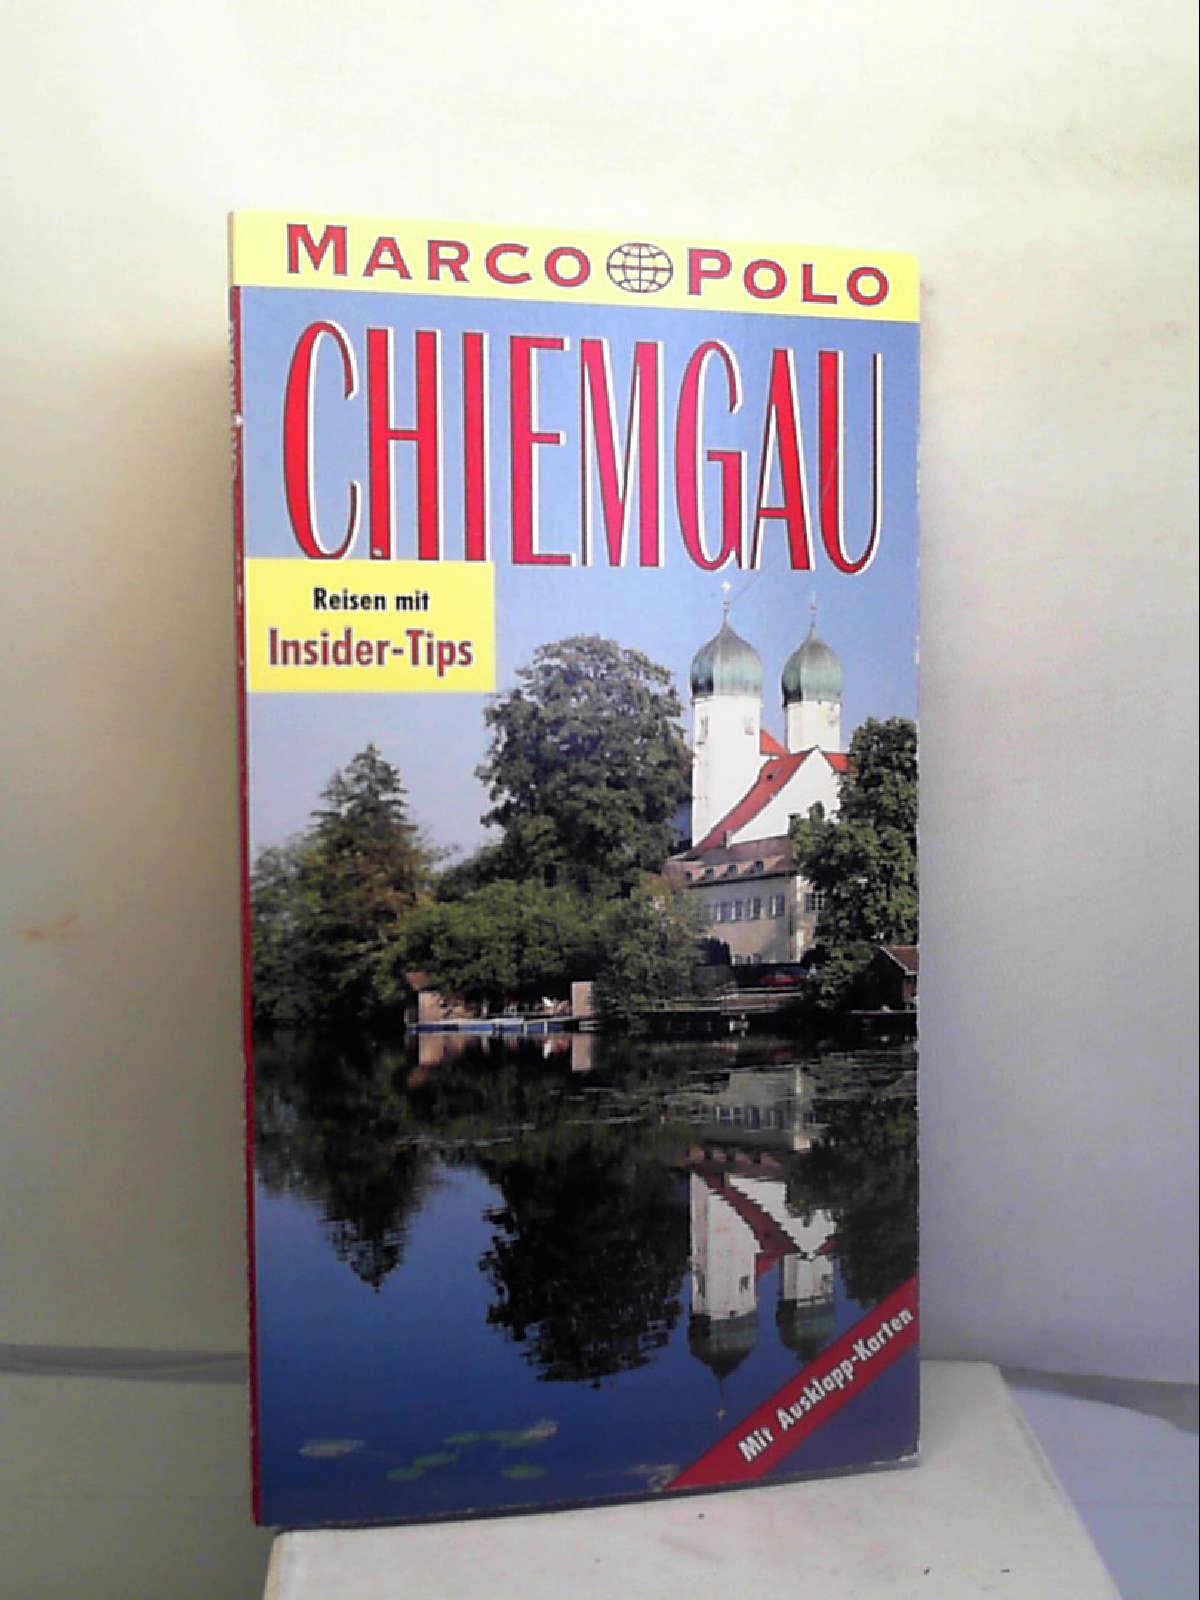 Chiemgau. Marco Polo Reiseführer. Reisen mit Insider-: Annette. Rübesamen